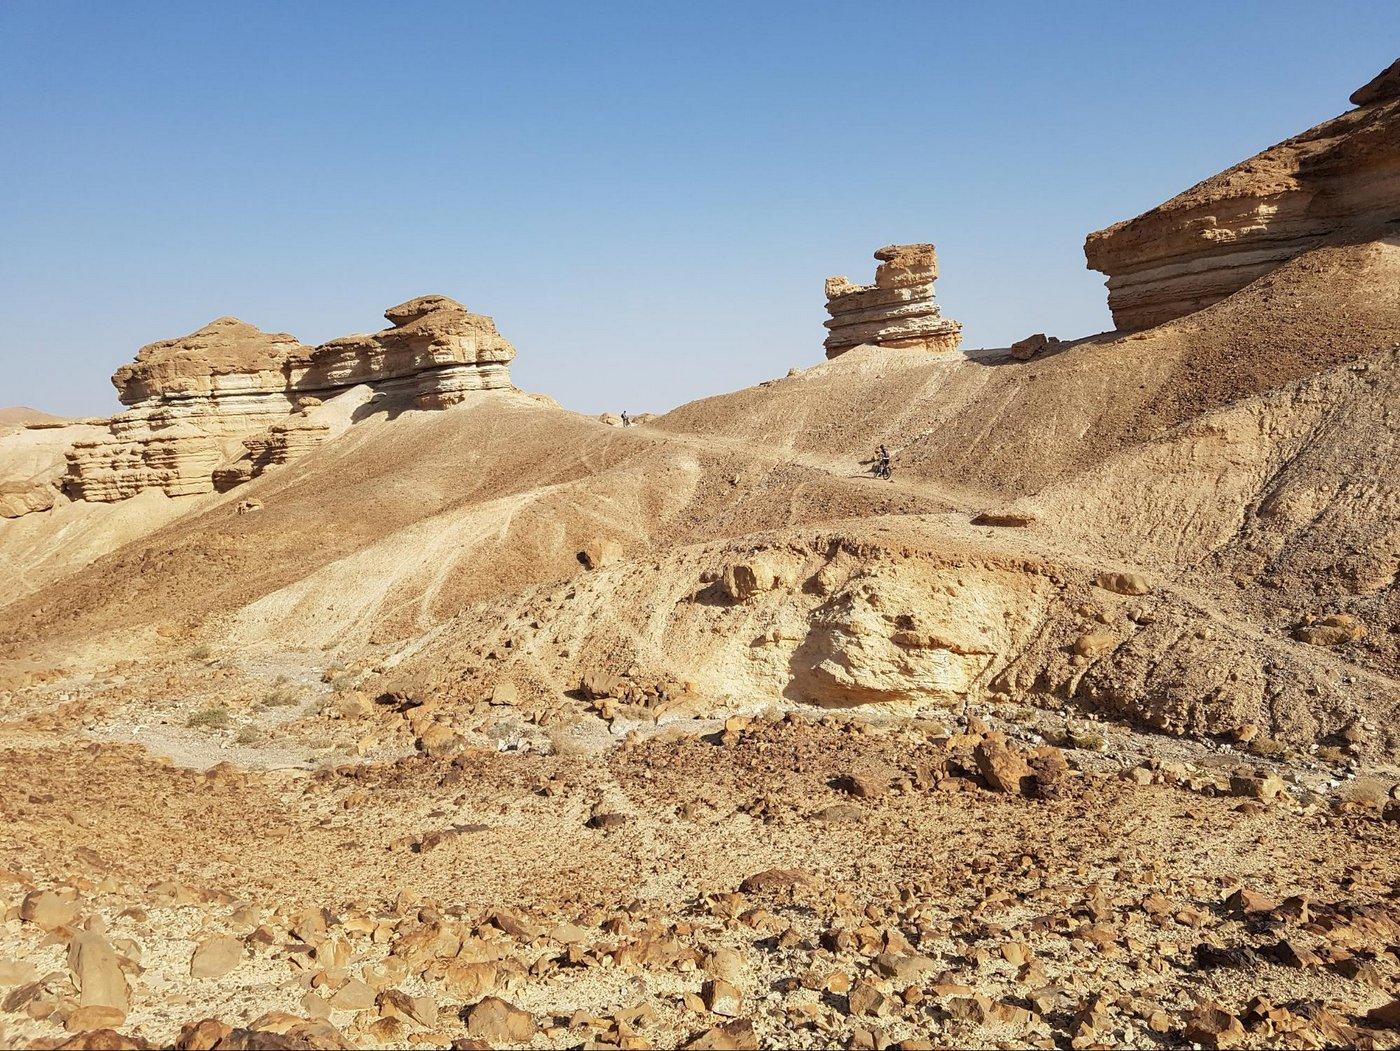 שבילי הפראים במדבר